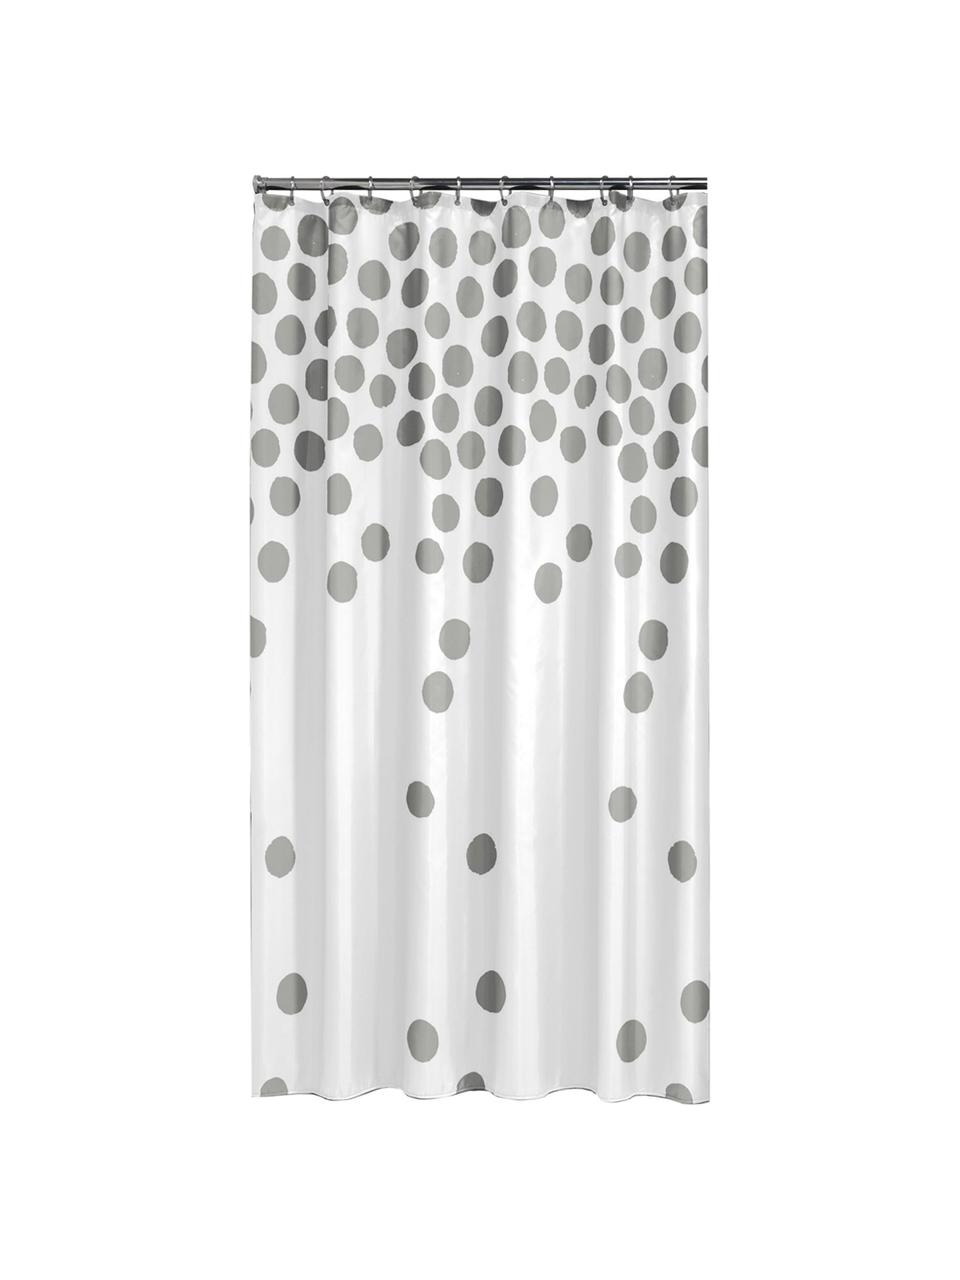 Rideau de douche à pois argentés Spots, Blanc, couleur argentée